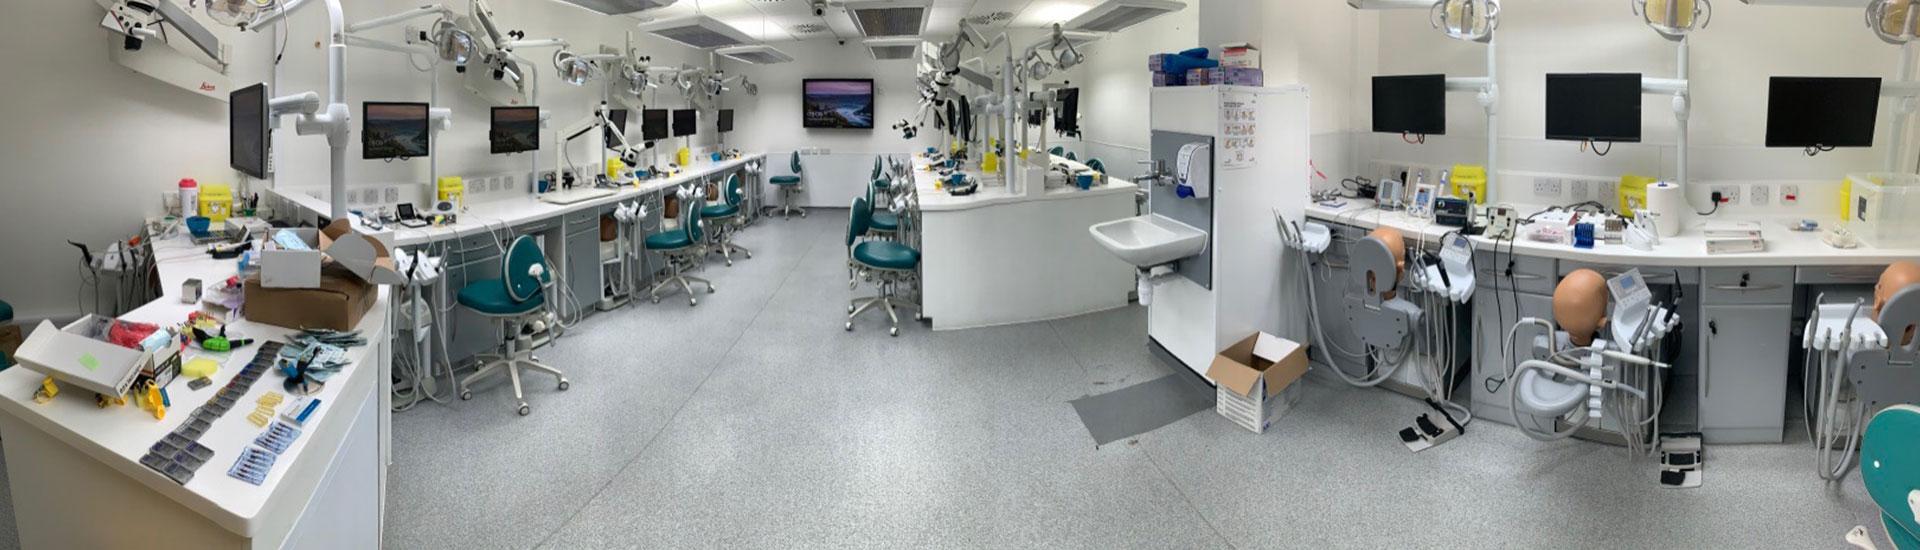 Endoart - Endodontic Education